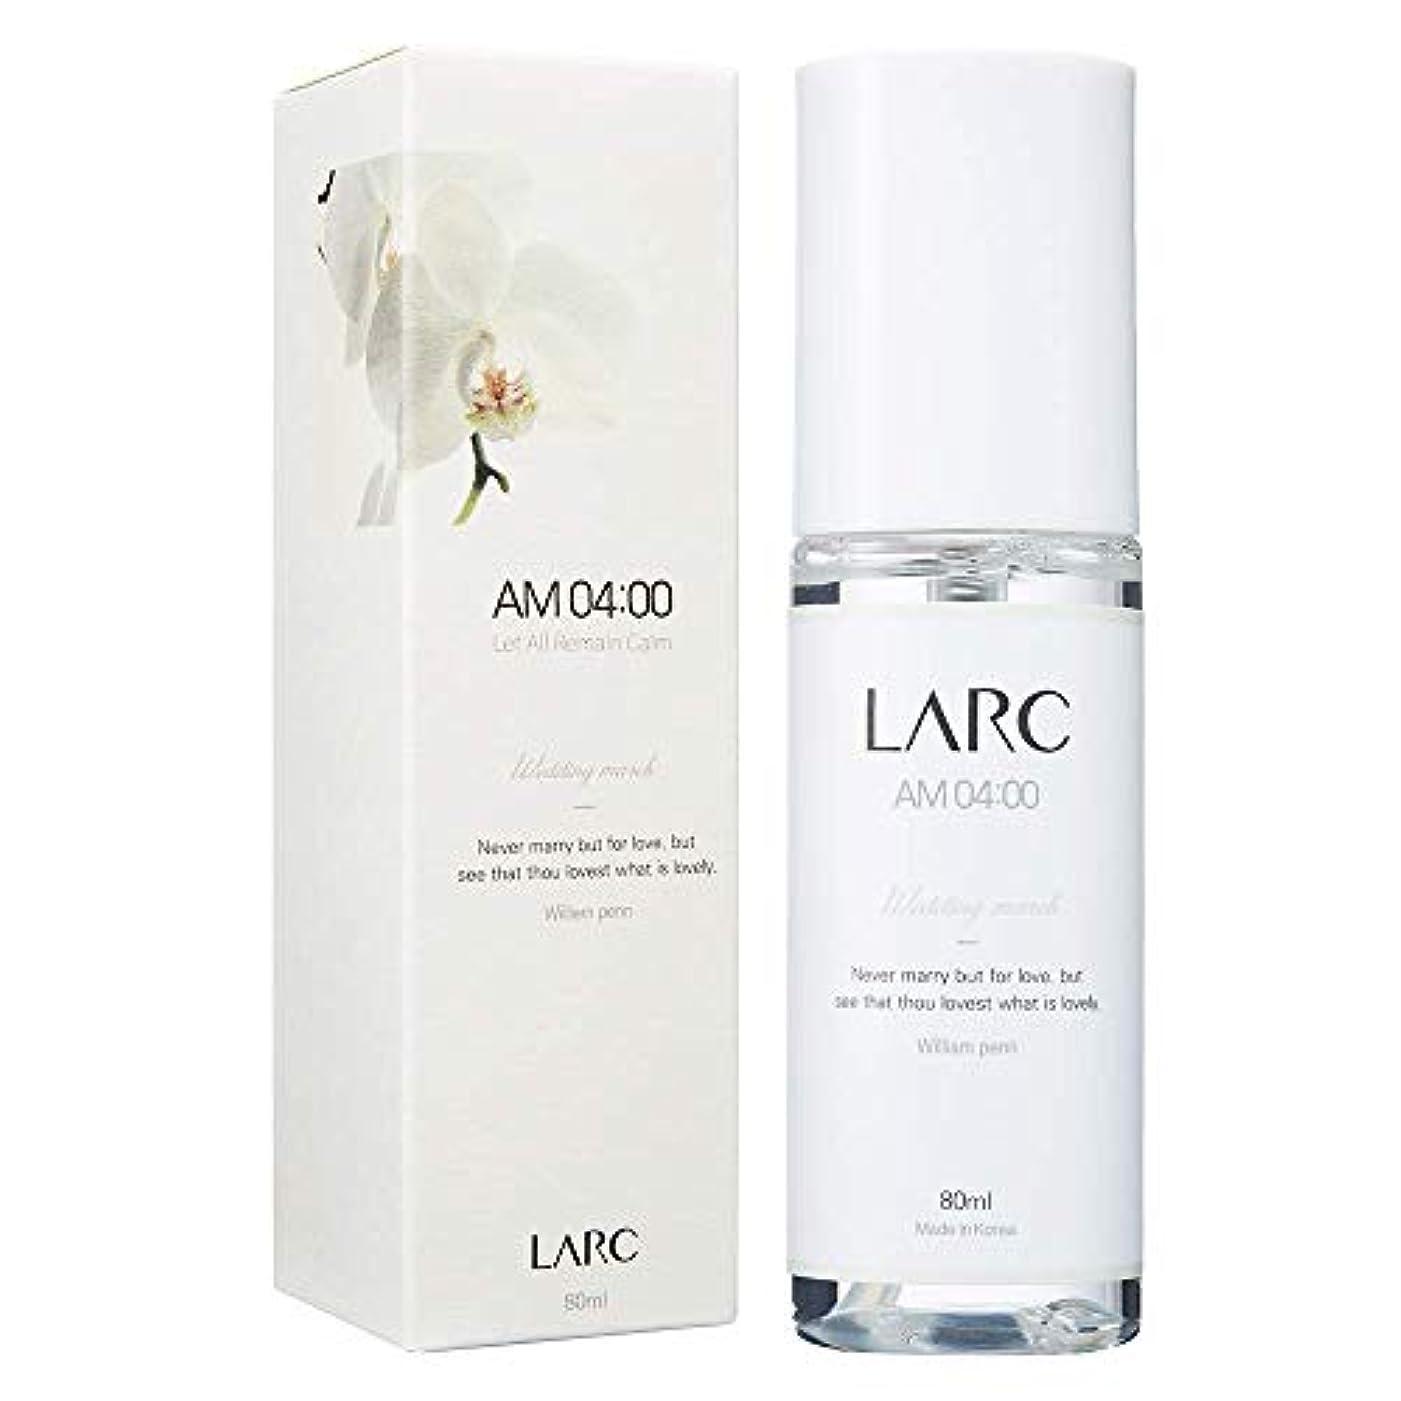 ほんのはぁ幸運なLARC ボディミスト 80ml (AM04:00 ウェディングマーチ、午前4時の香り)